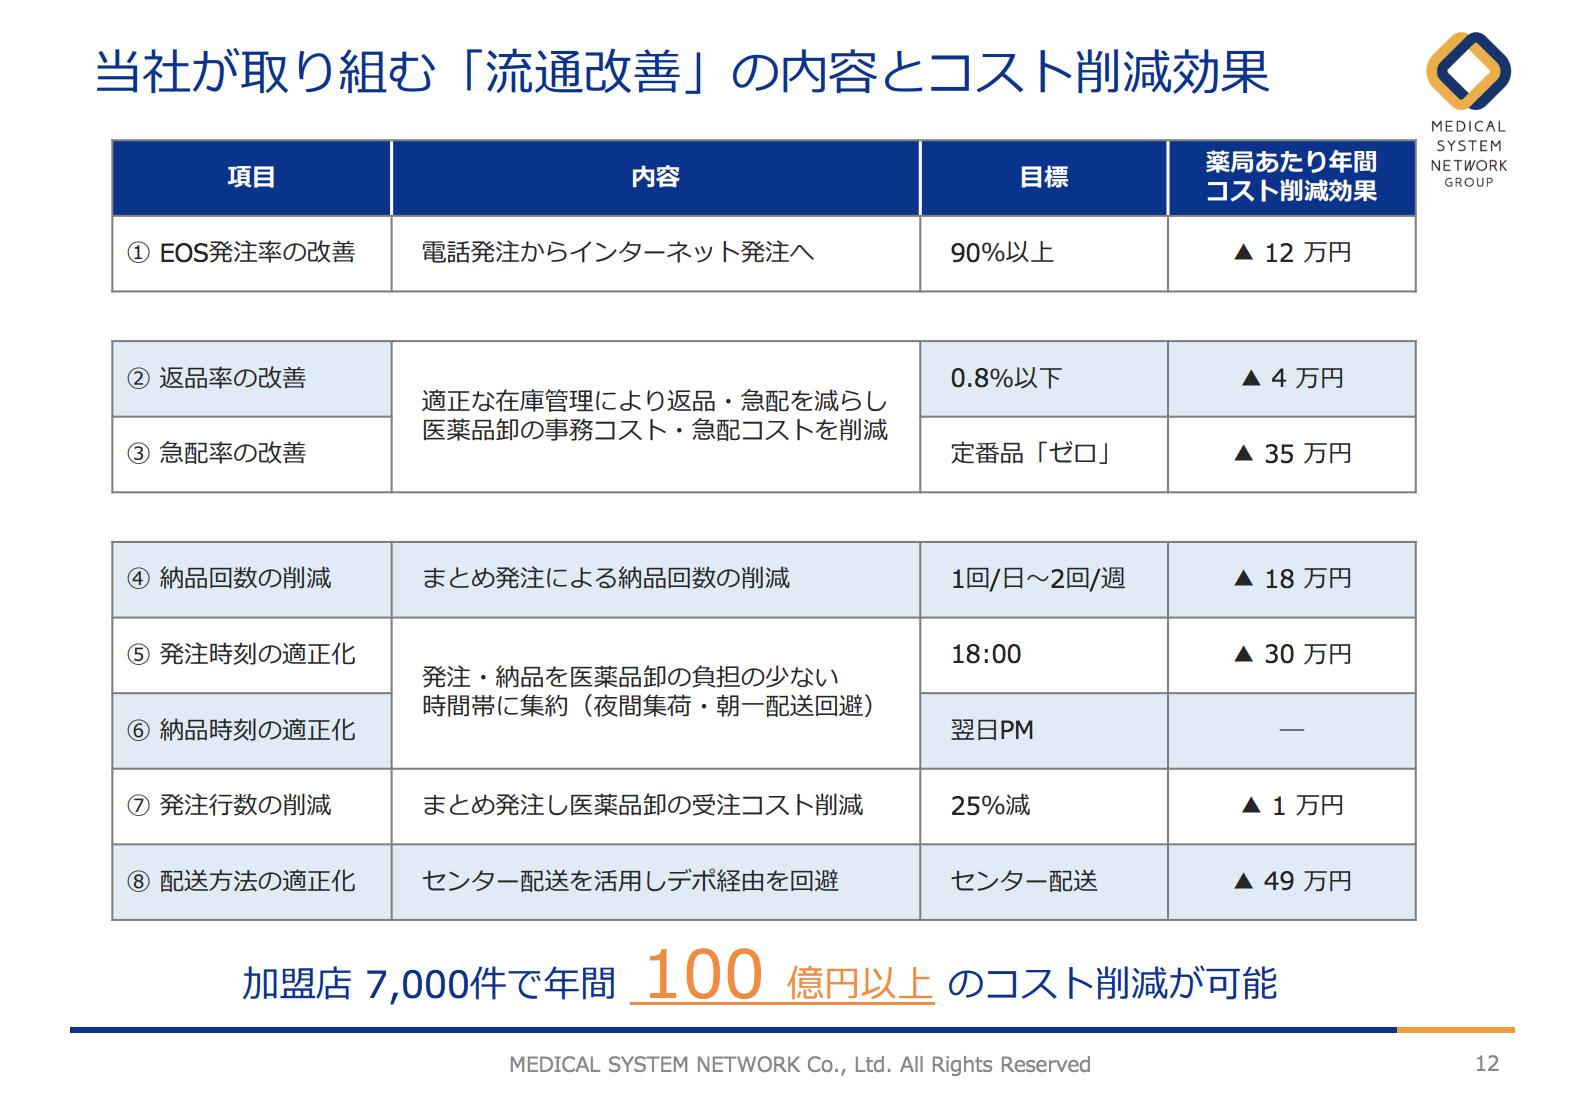 スクリーンショット 2021-02-21 11.31.31.png (380.8 kB)